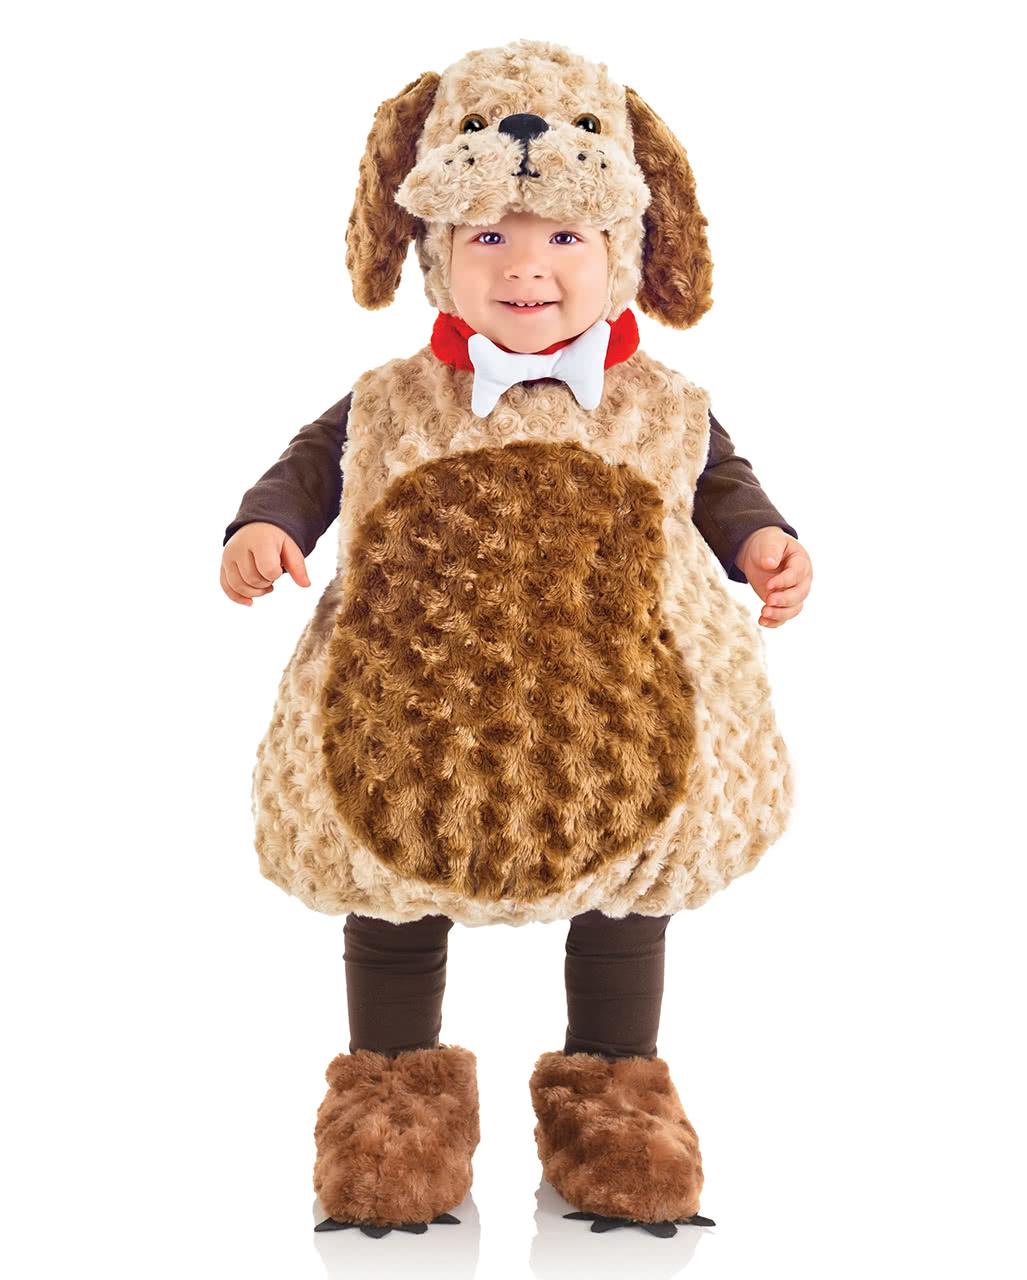 Pluschhund Faschingskostum Fur Kleinkinder Horror Shop Com